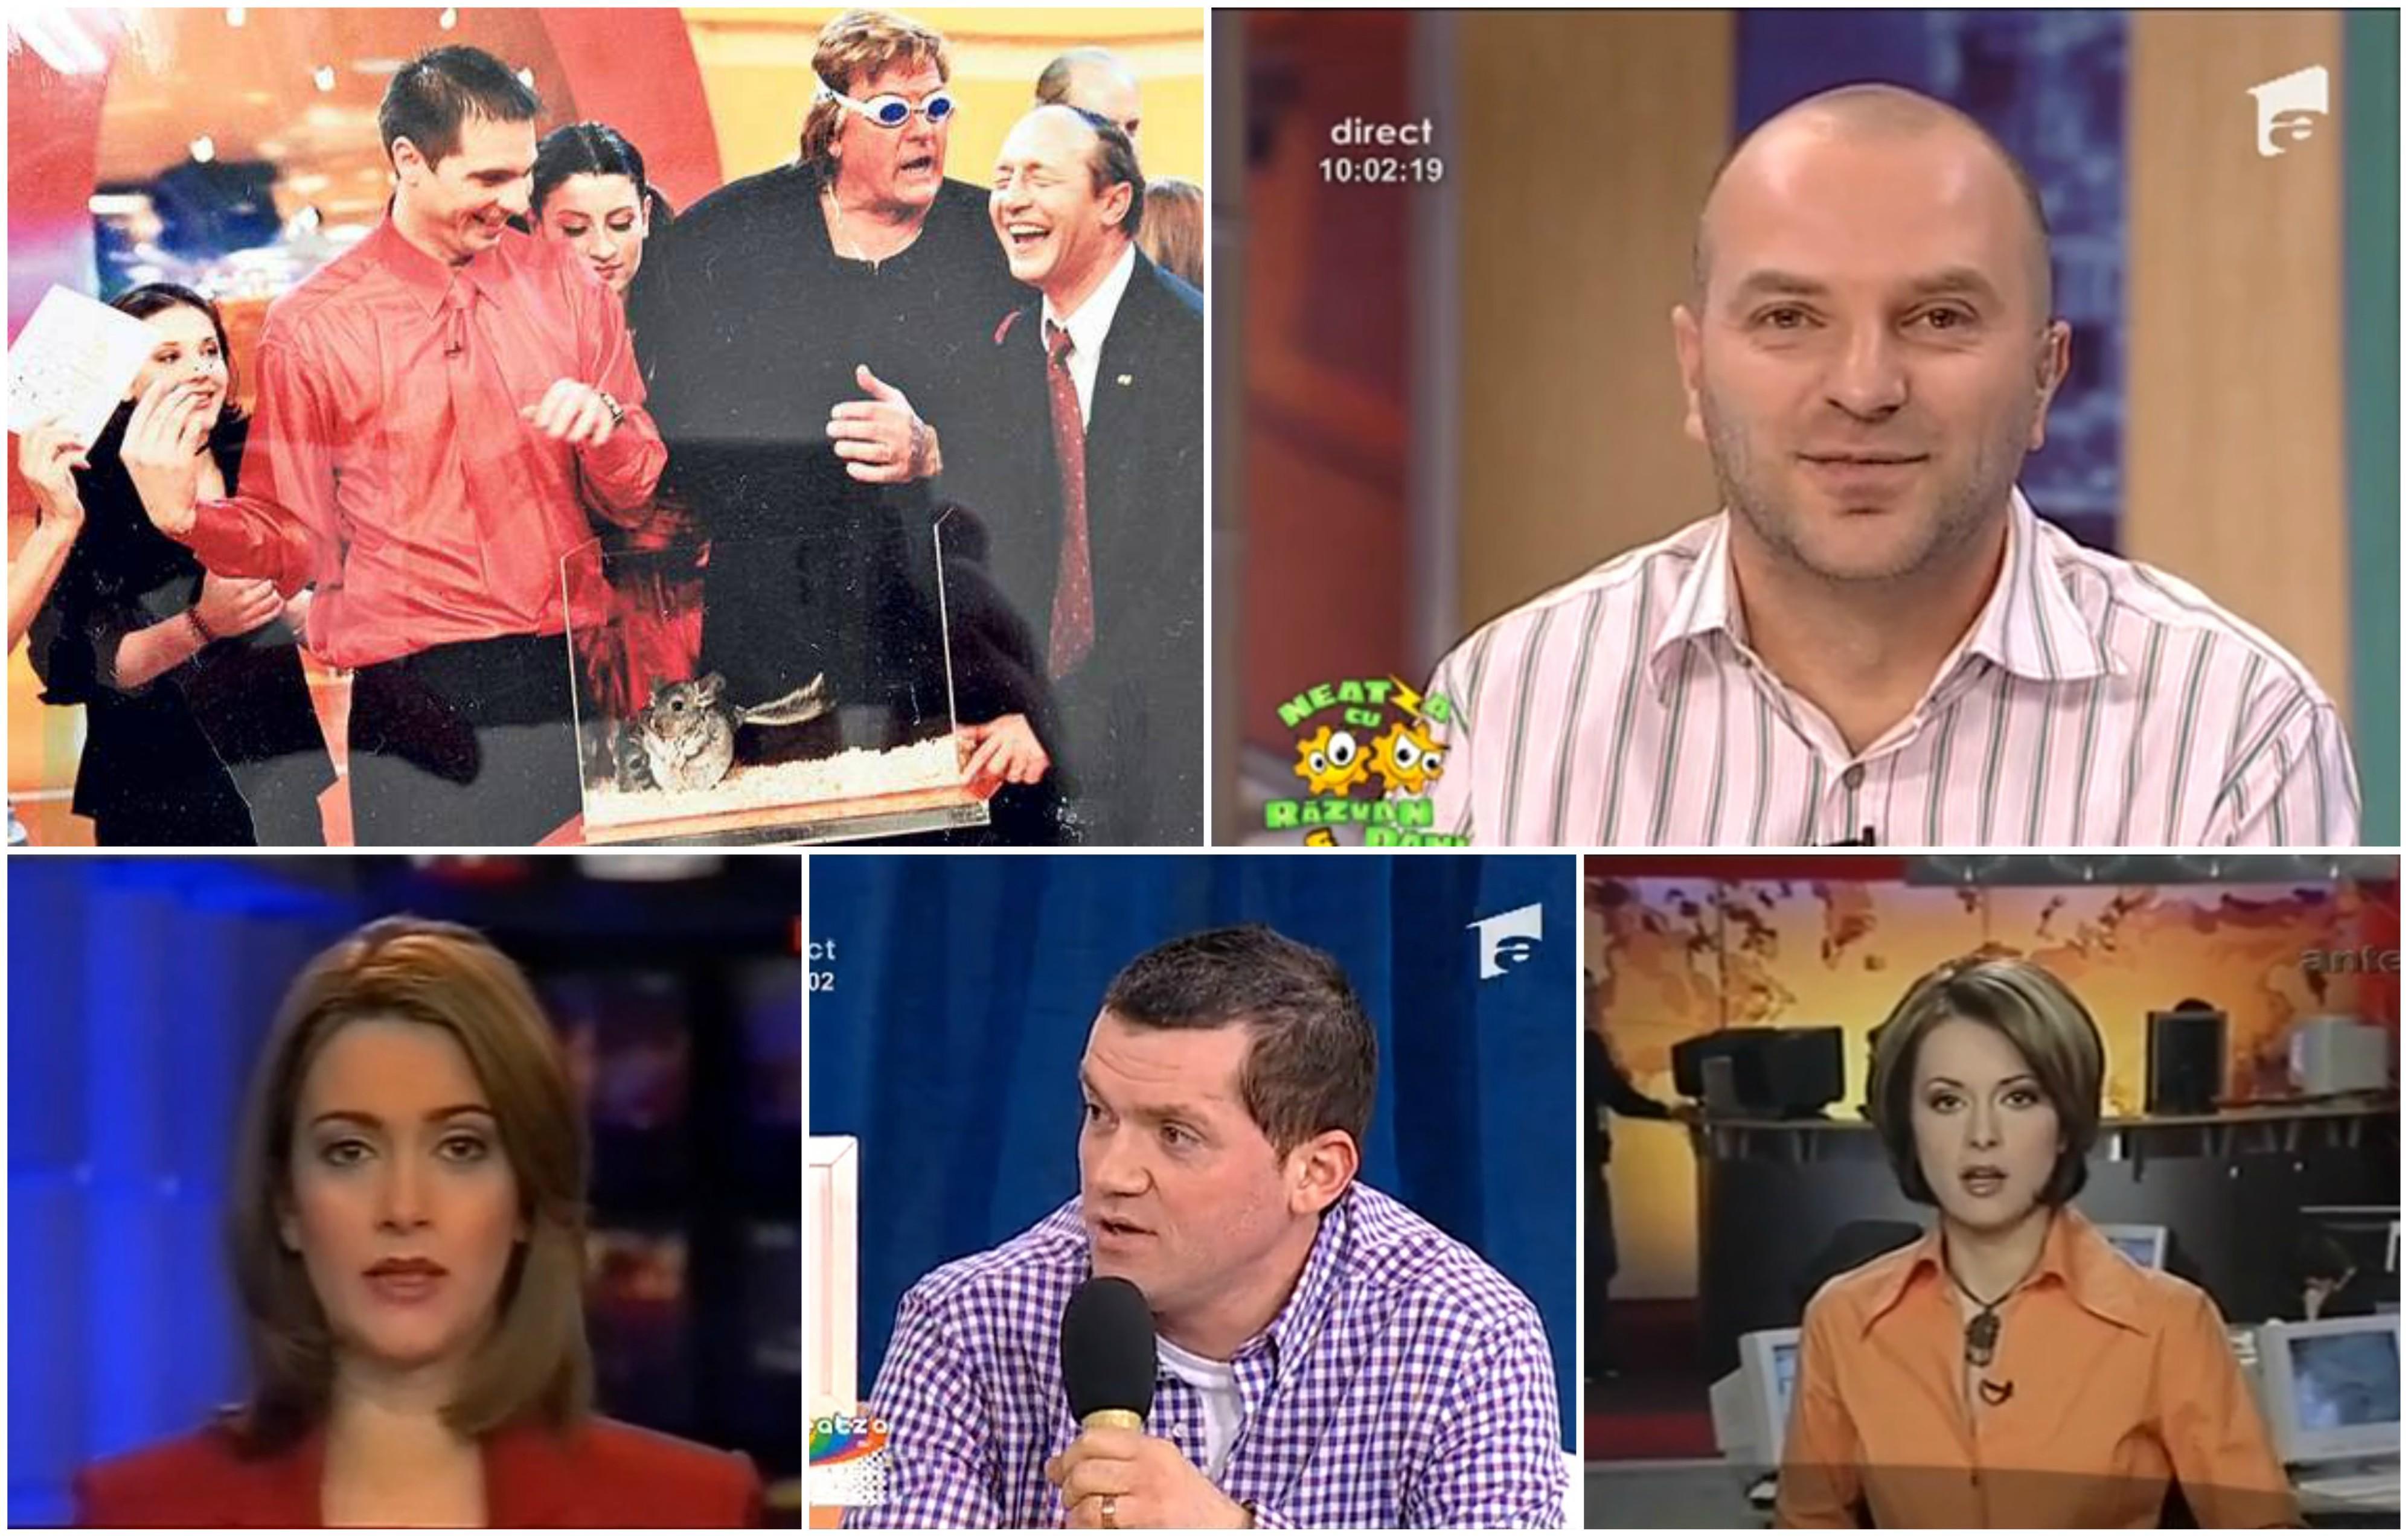 Antena 1, 26 de ani! Oho, ce a trecut timpul! Top opt transformări ale unora dintre cele mai iubite vedete! Dan Negru și Dan Capatos au îmbătrânit ca vinul! Andreea Berecleanu și Bordea, de nerecunoscut!